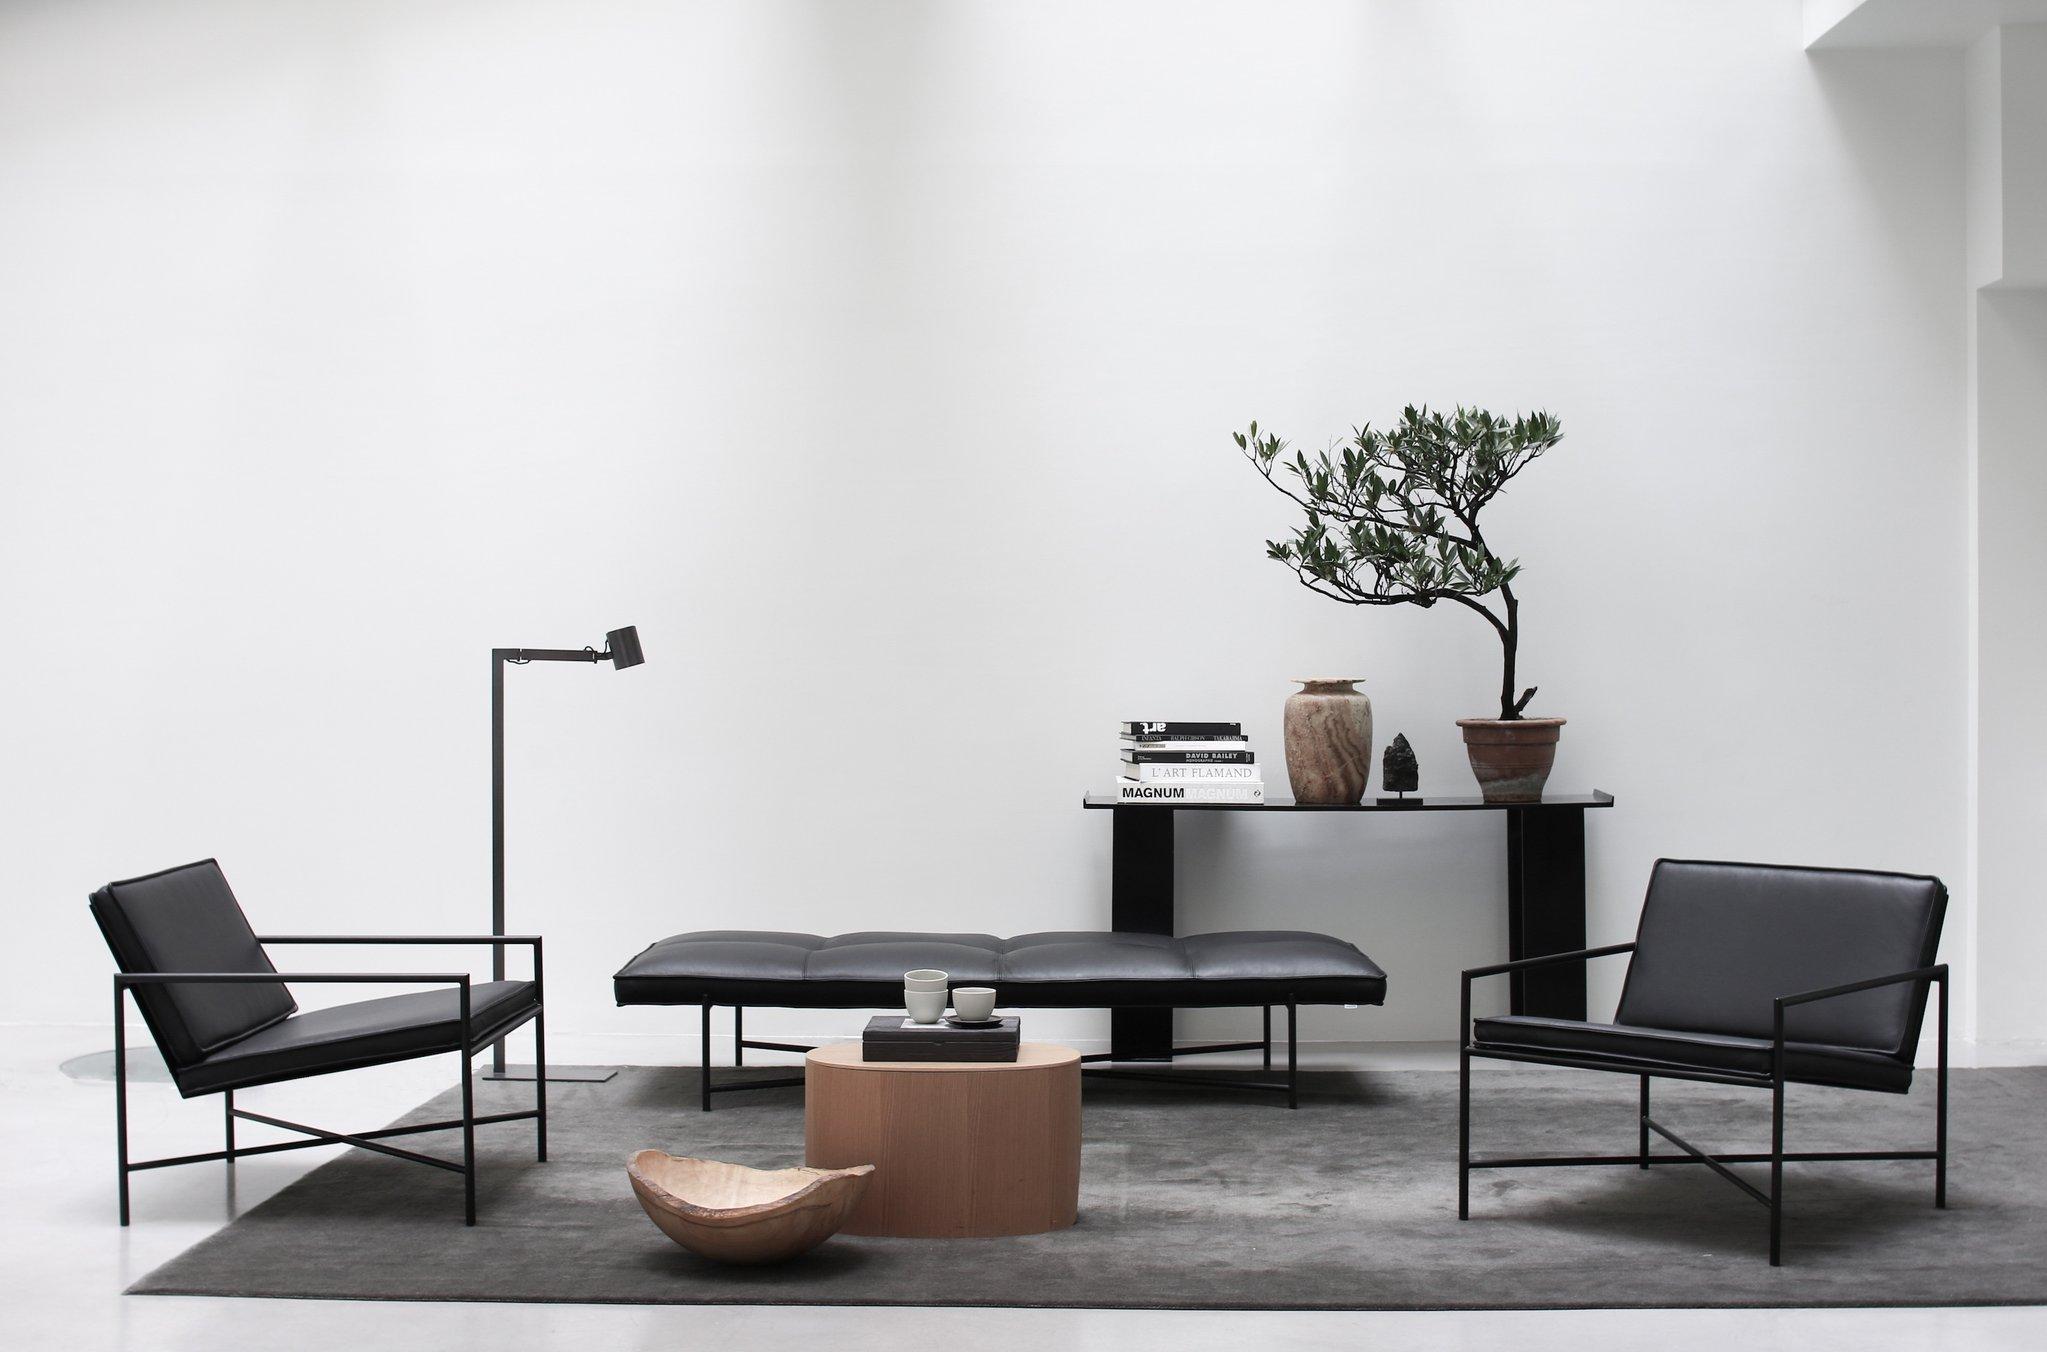 handvärk møbler